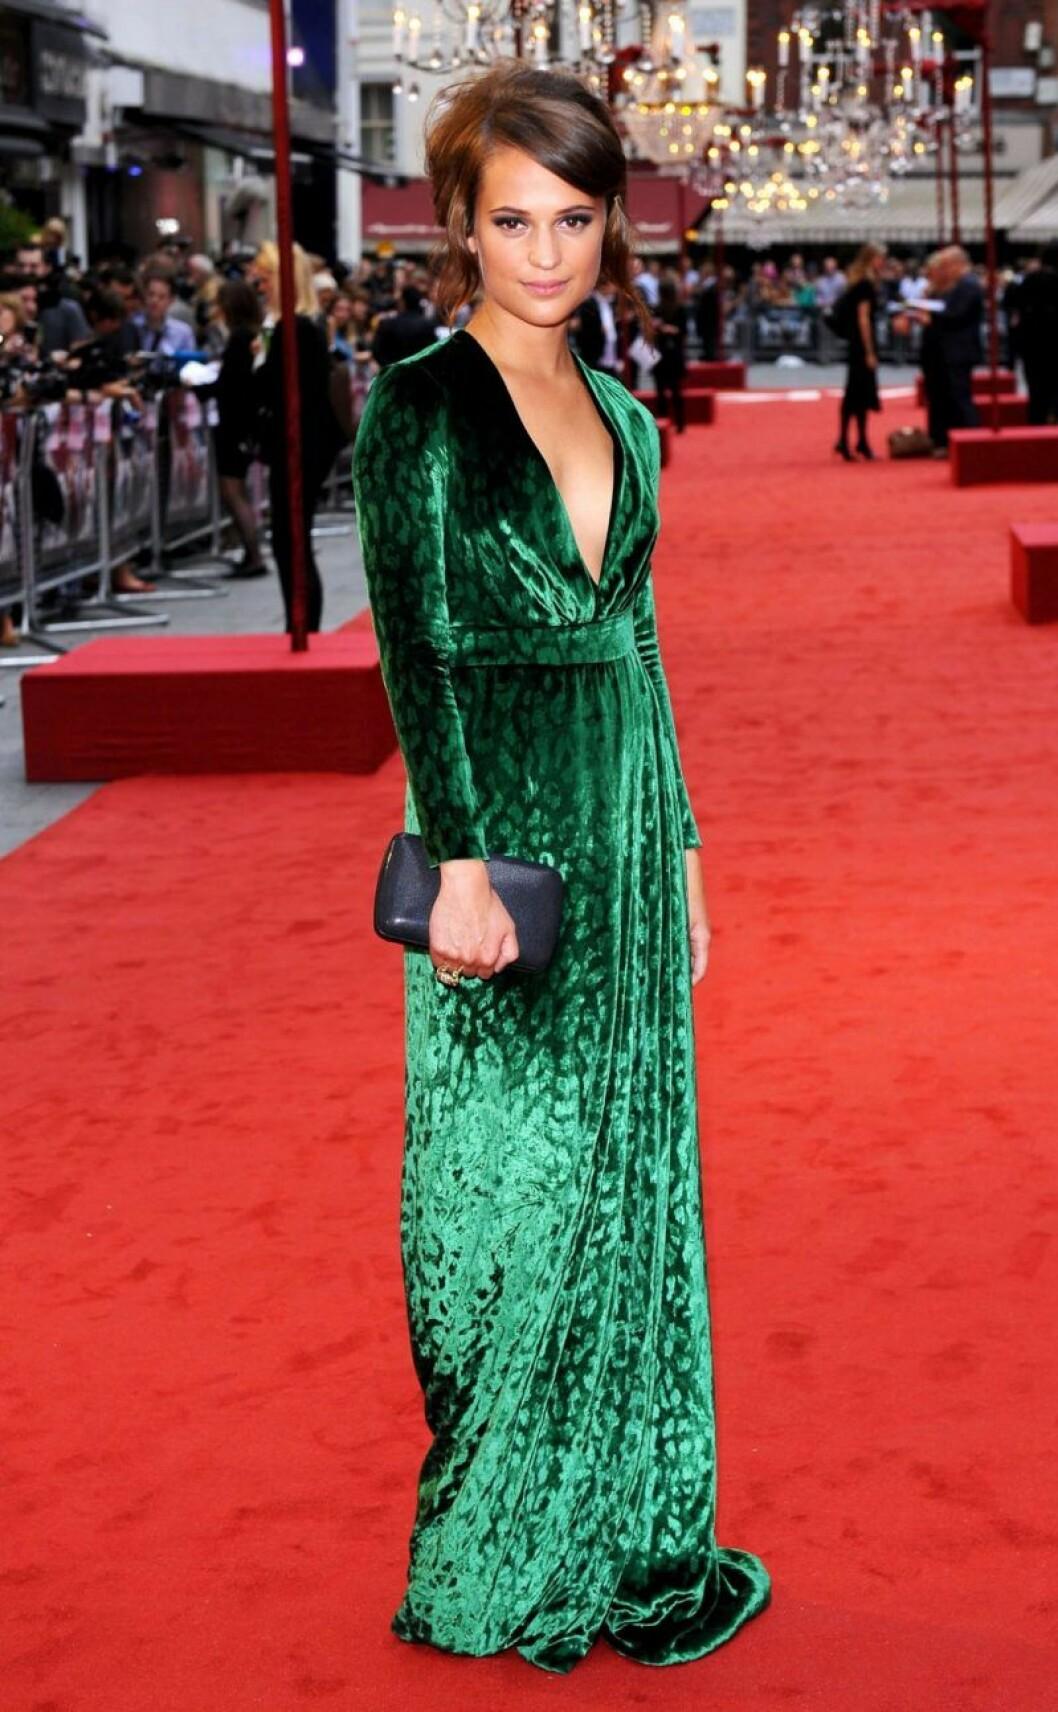 Alicia Vikander i grön klänning på röda mattan